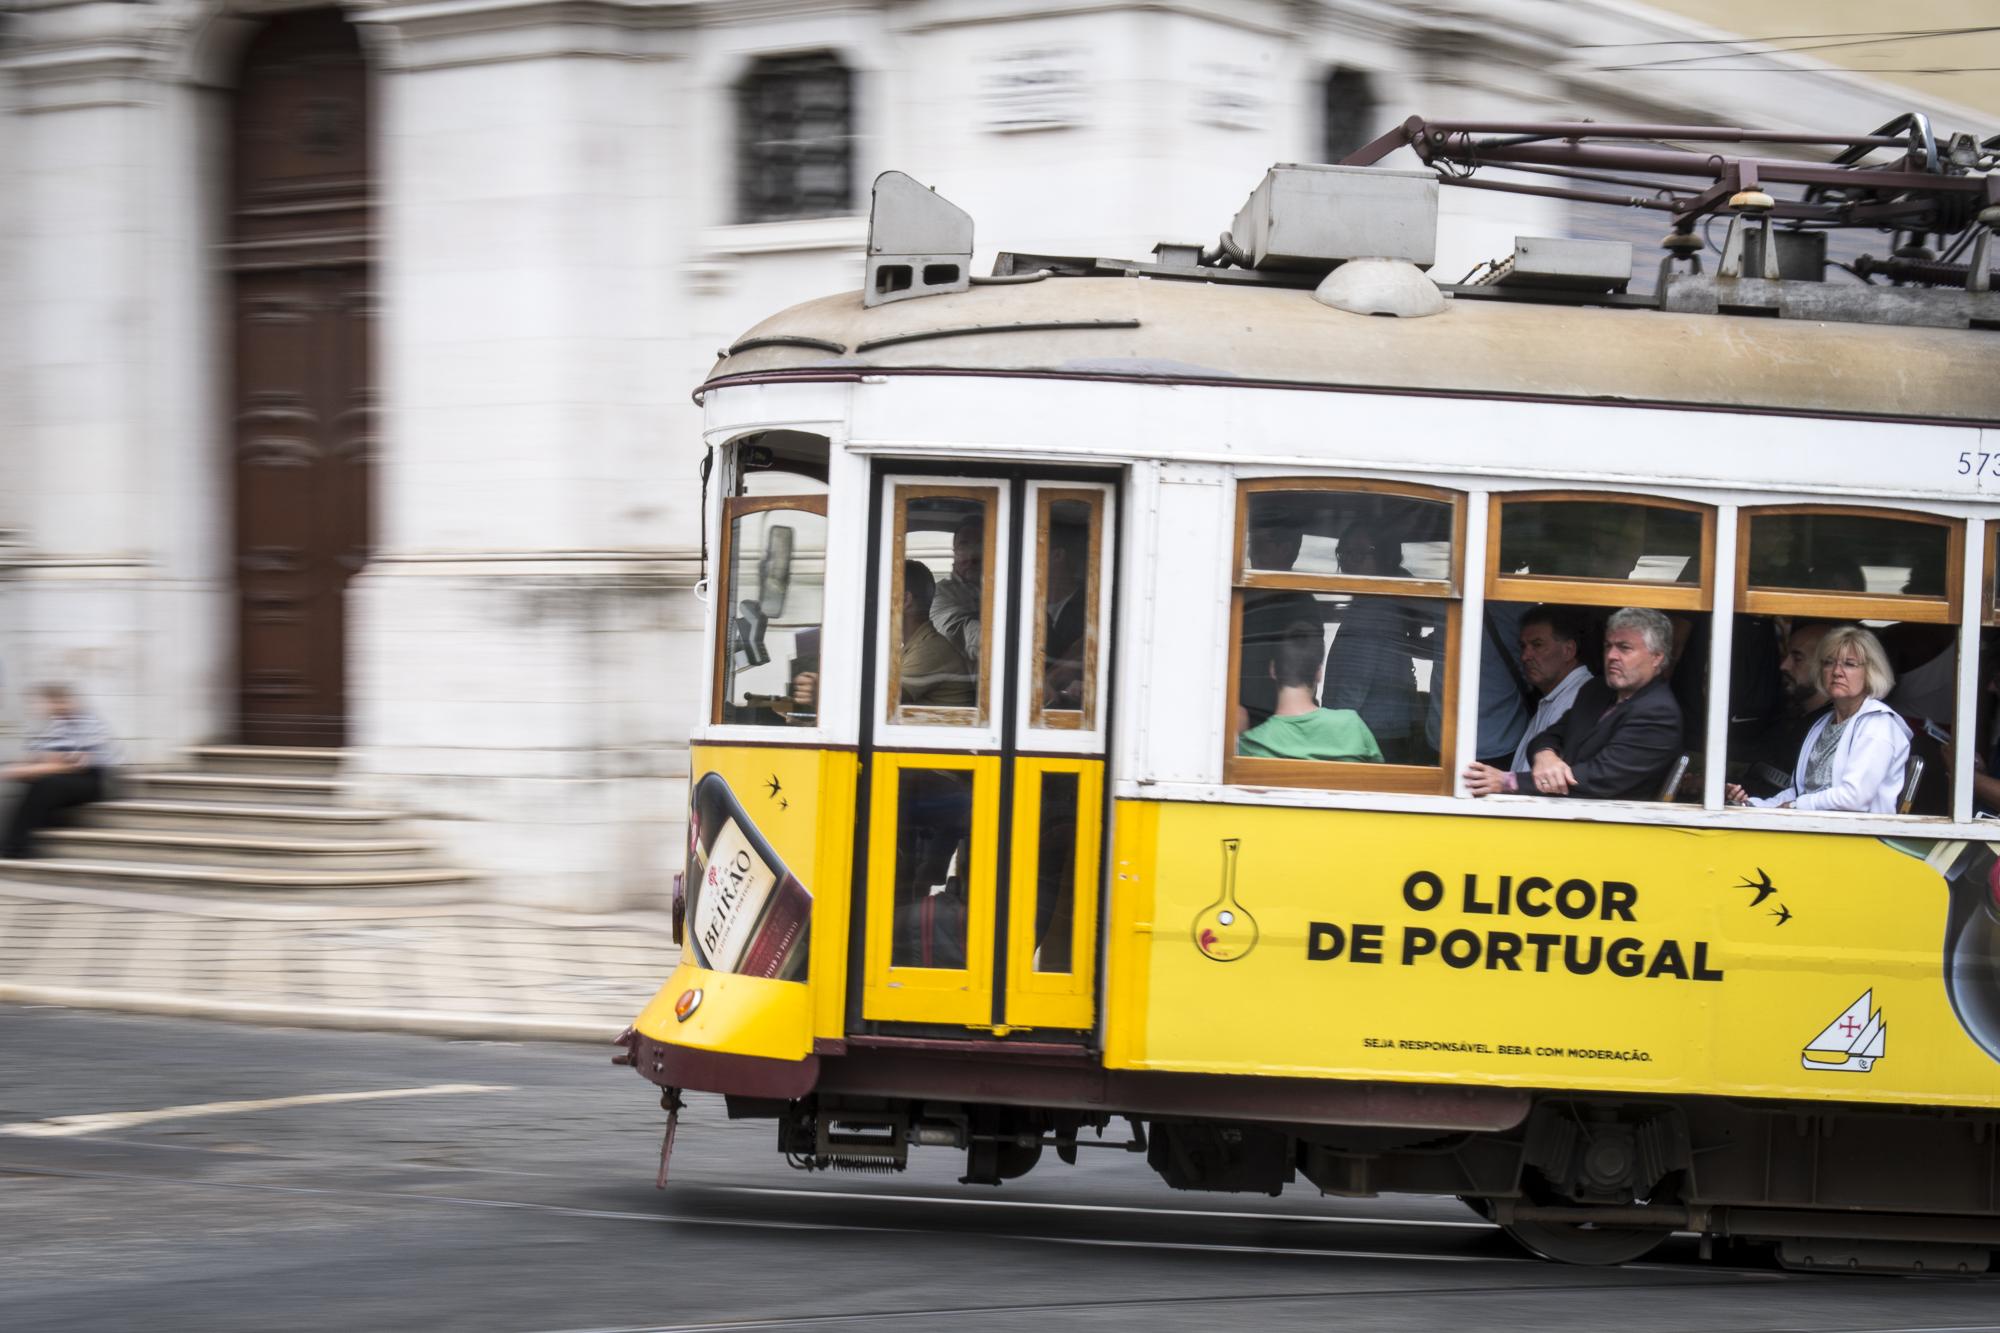 Praça Luís de Camões  PHOTOGRAPHY: ALEXANDER J.E. BRADLEY •NIKON D500 • AF-S NIKKOR 24-70mm f/2.8G ED • 44mm • F/22 •1/15 •ISO 100